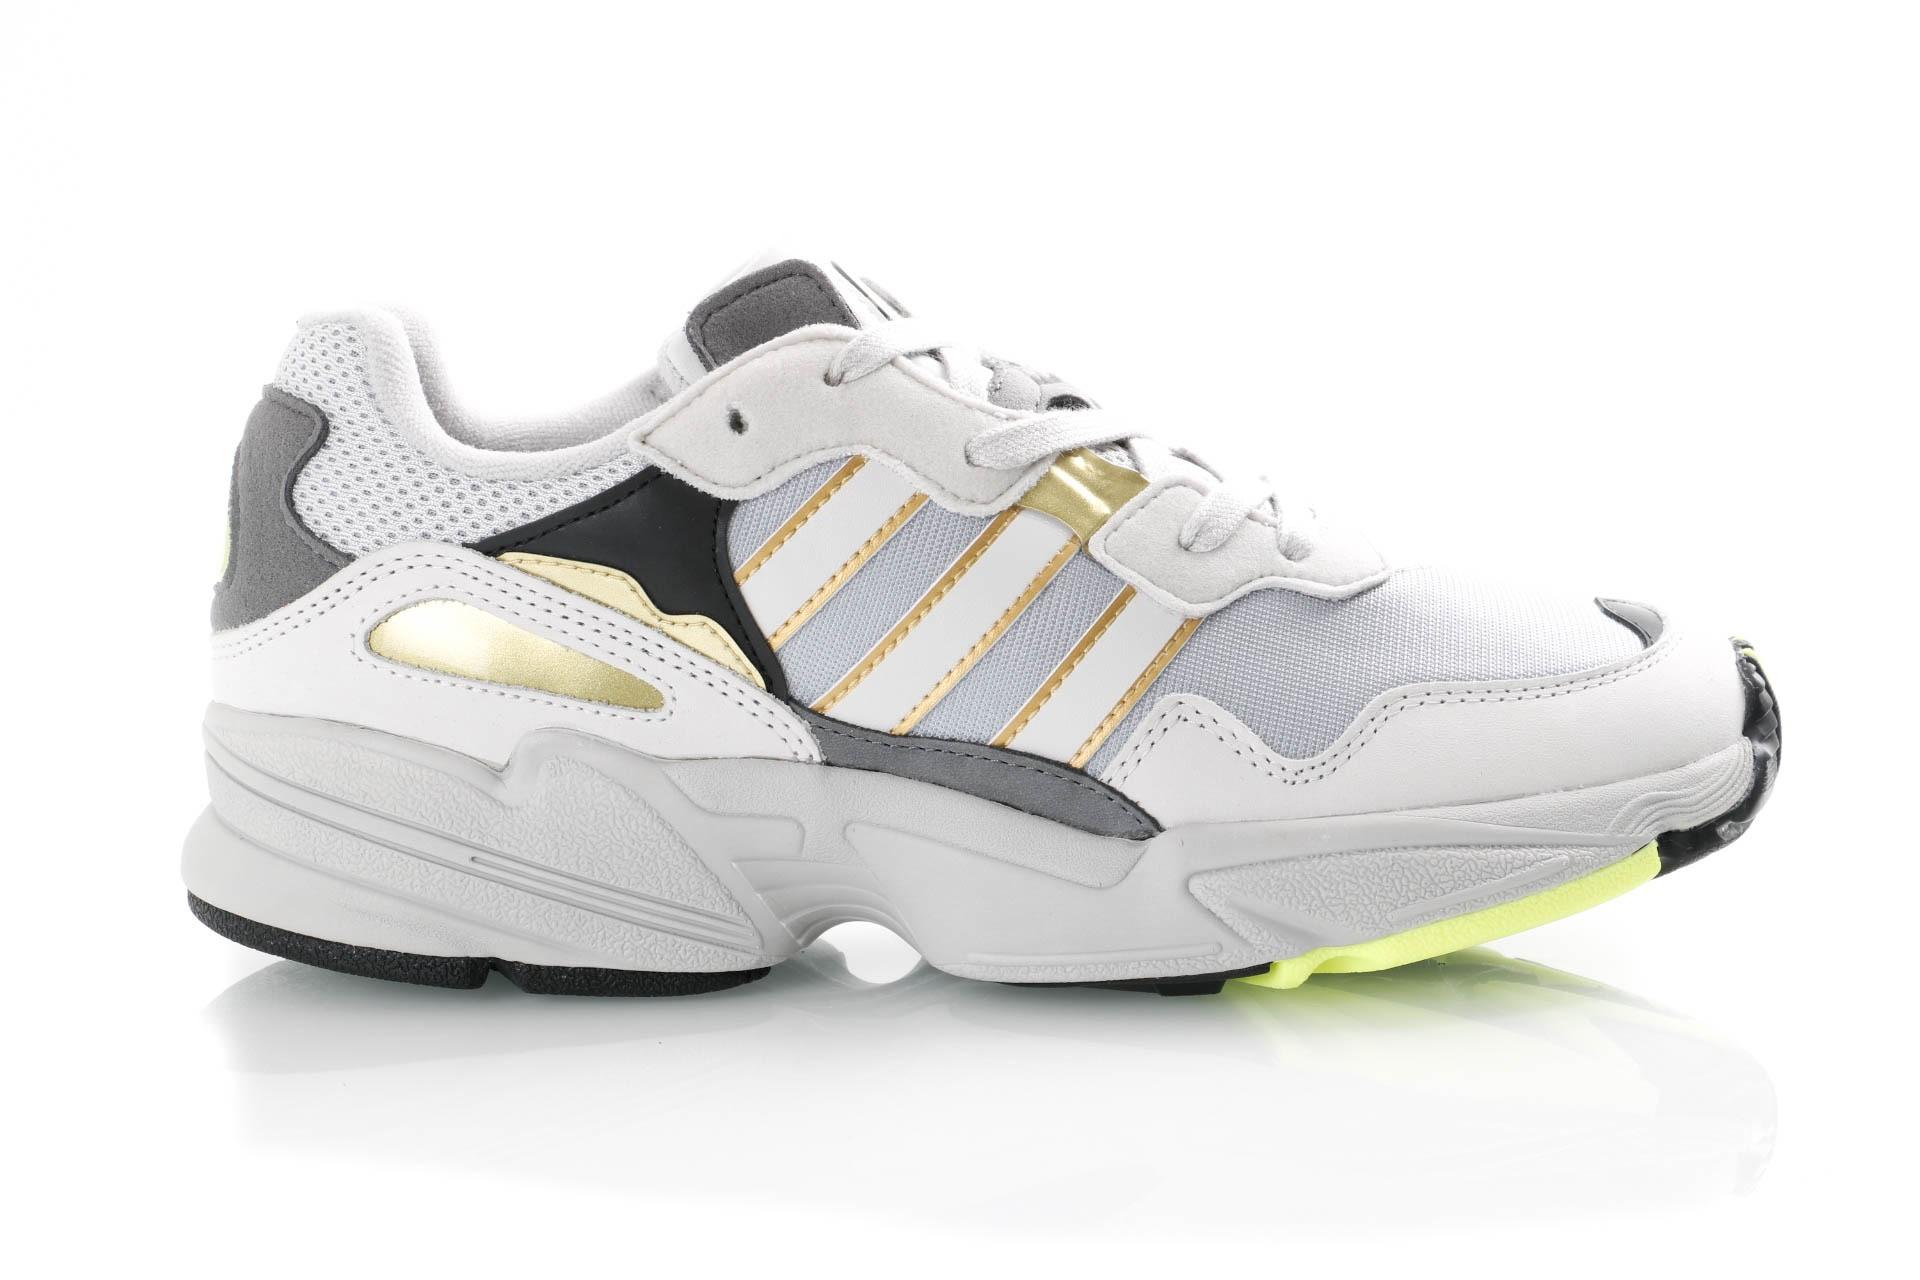 033bb956013 Afbeelding van Adidas Yung-96 Db3565 Sneakers Silver Met./Grey One F17/